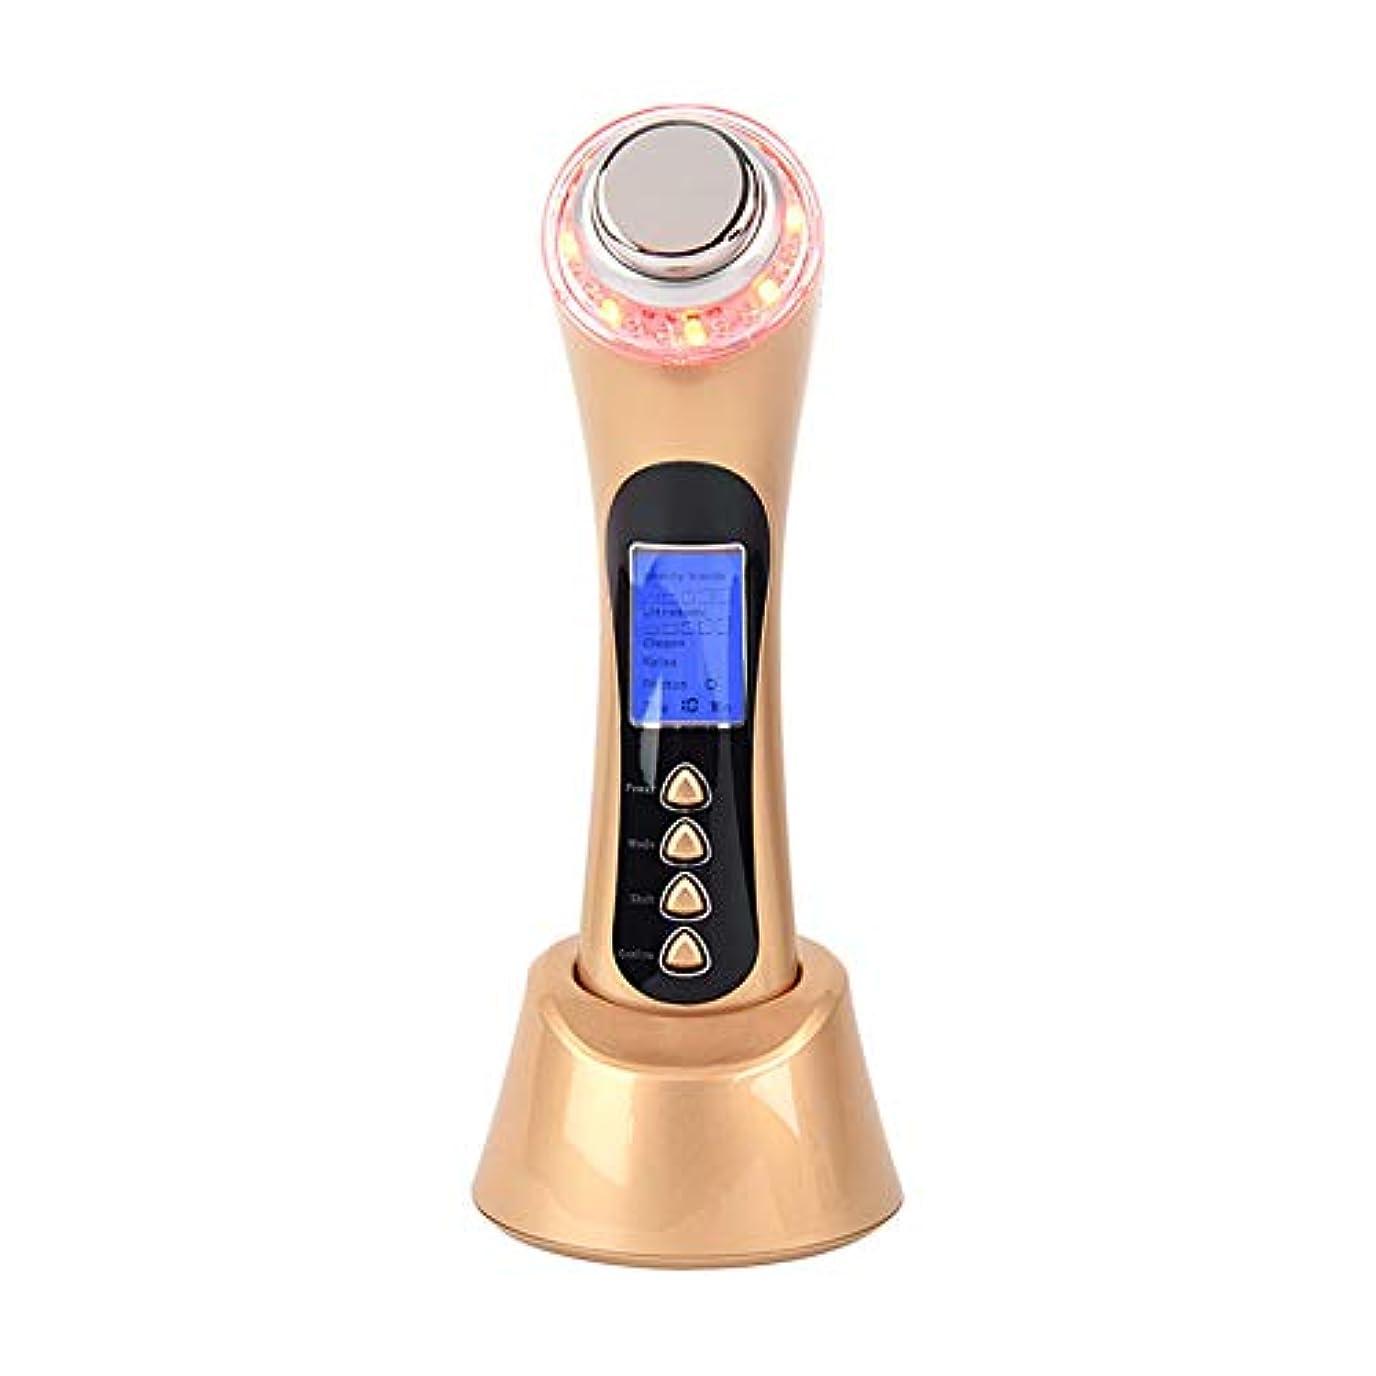 トーク教えて東部フェイシャルマッサージャー5-in-1イオンクリーナーと赤/青/緑LED光線療法装置により、にきび/にきびのインポート栄養反しわ復活USB充電式